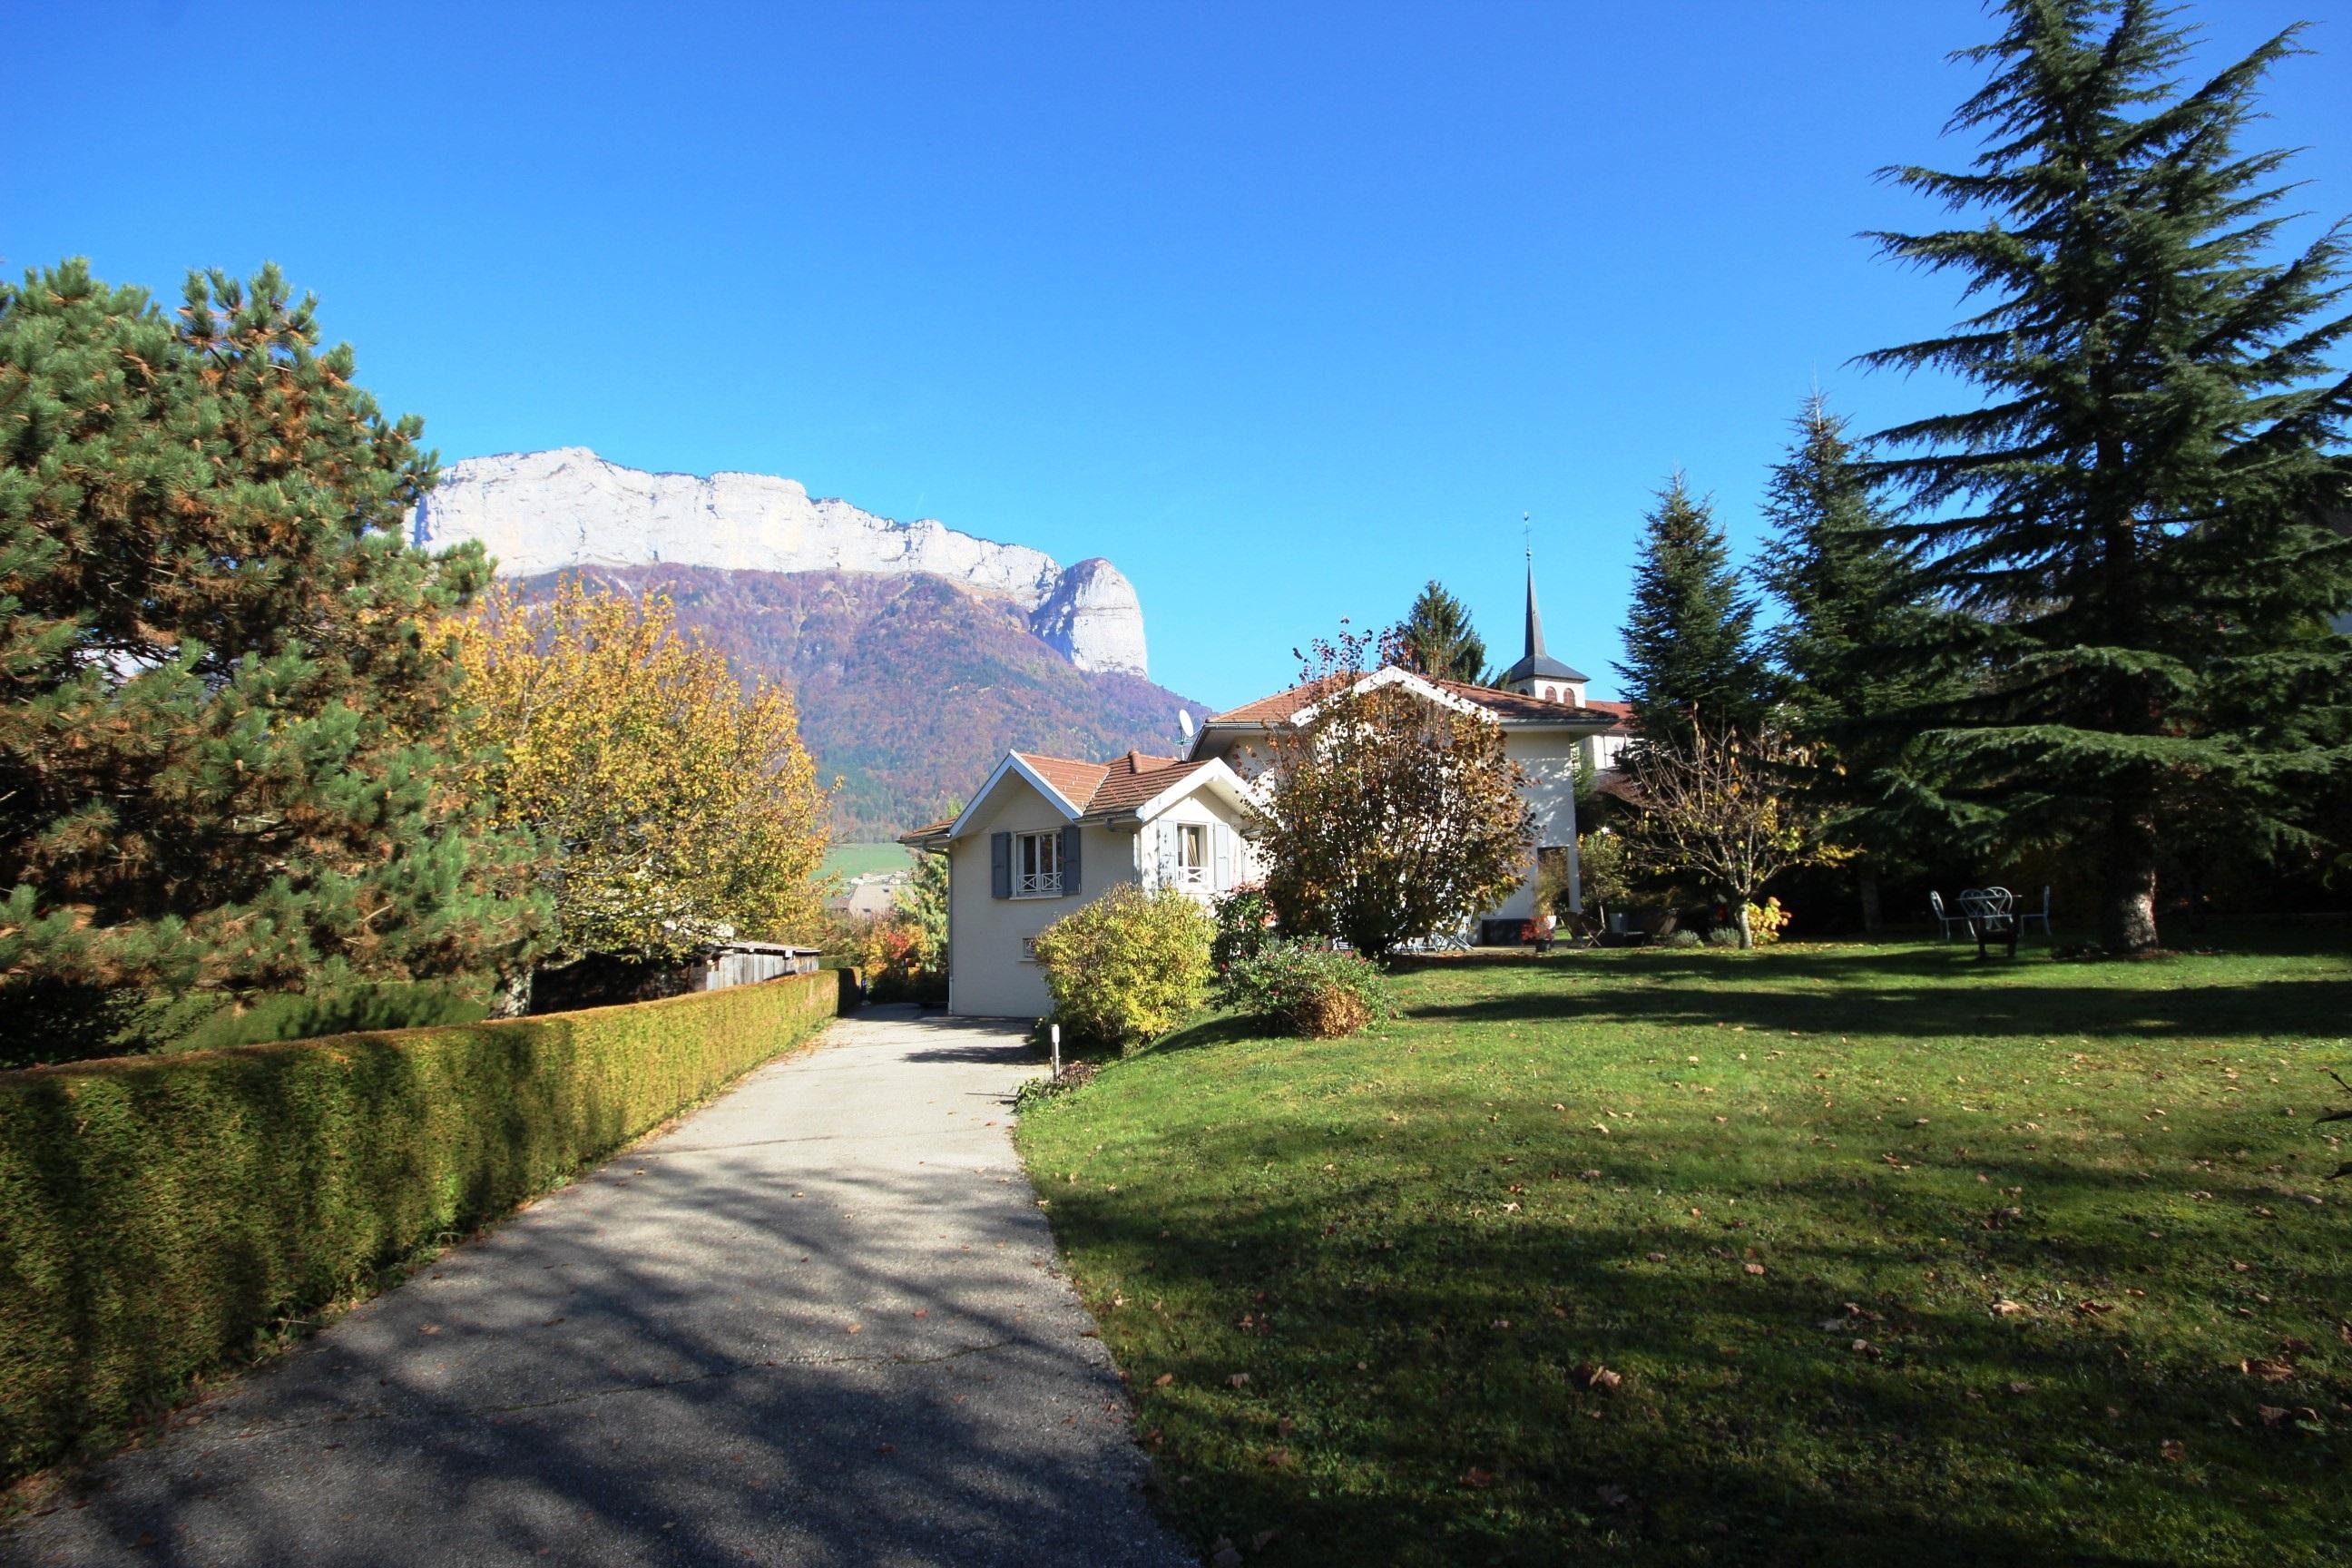 Maison 5 pi ces avec vue sur les montagnessweet property agence immobili re veyrier du lac - Maison avec vue lac lands end ...